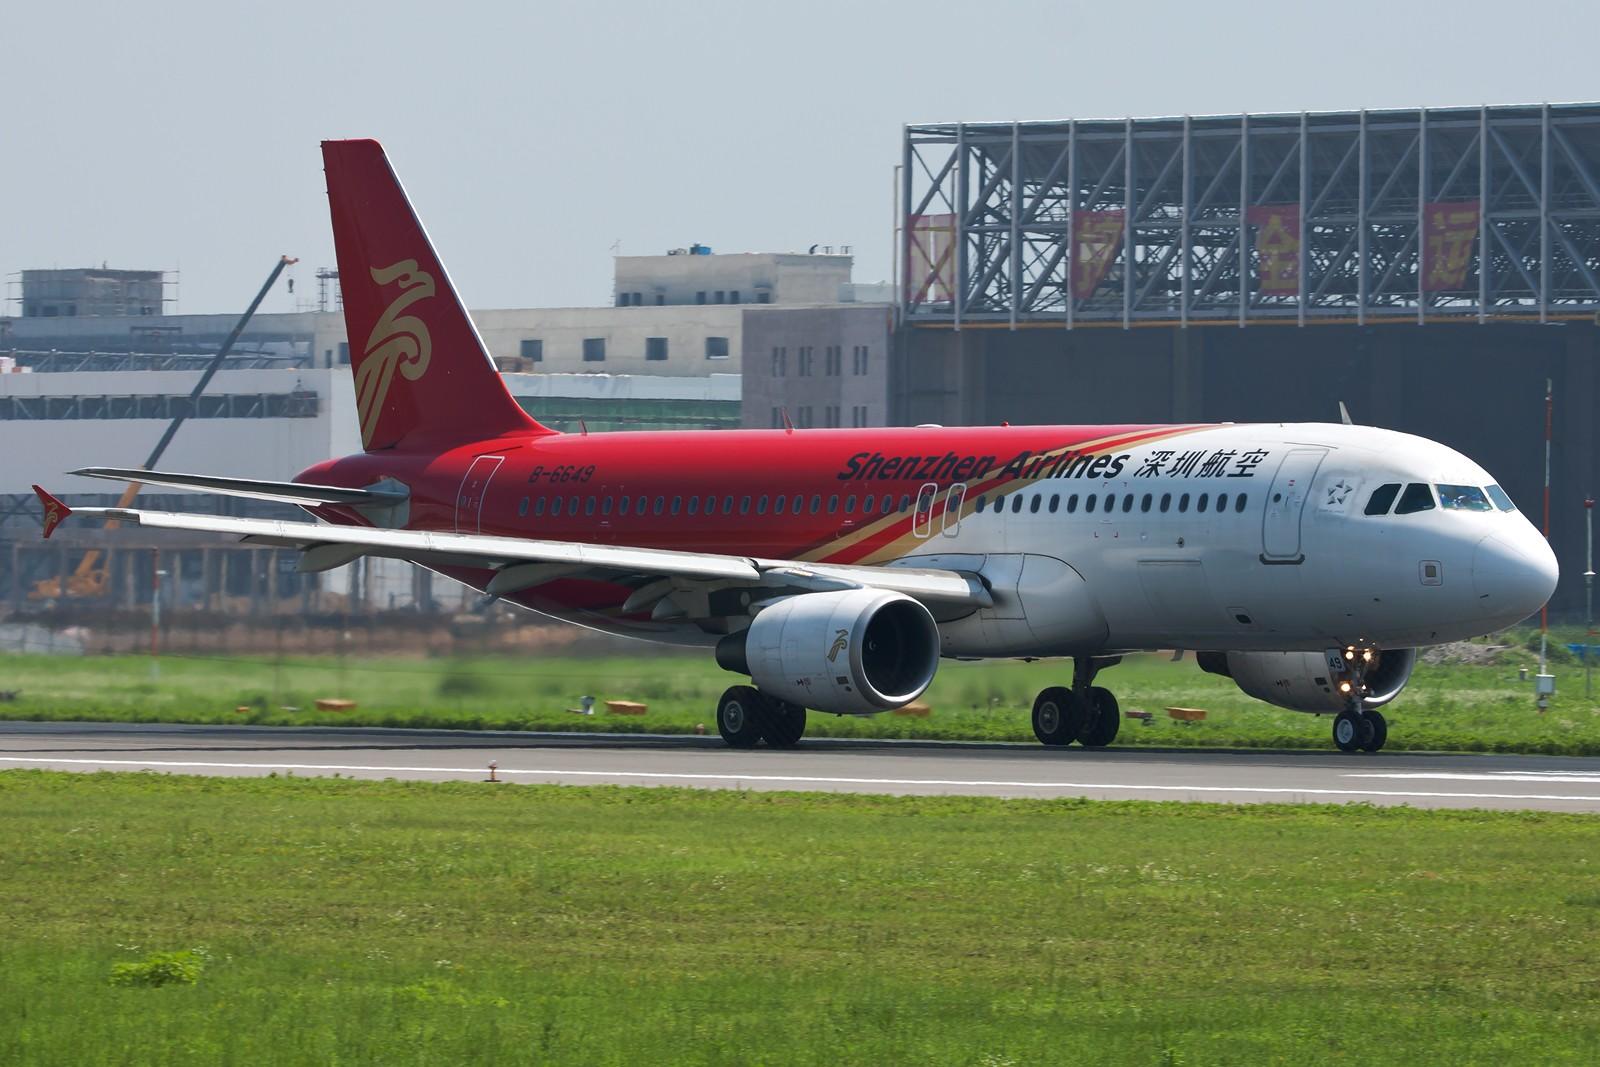 Re:[原创]沈阳桃仙国际机场 24号跑道 深圳航空一组 AIRBUS A320-200 B-6649 中国沈阳桃仙机场